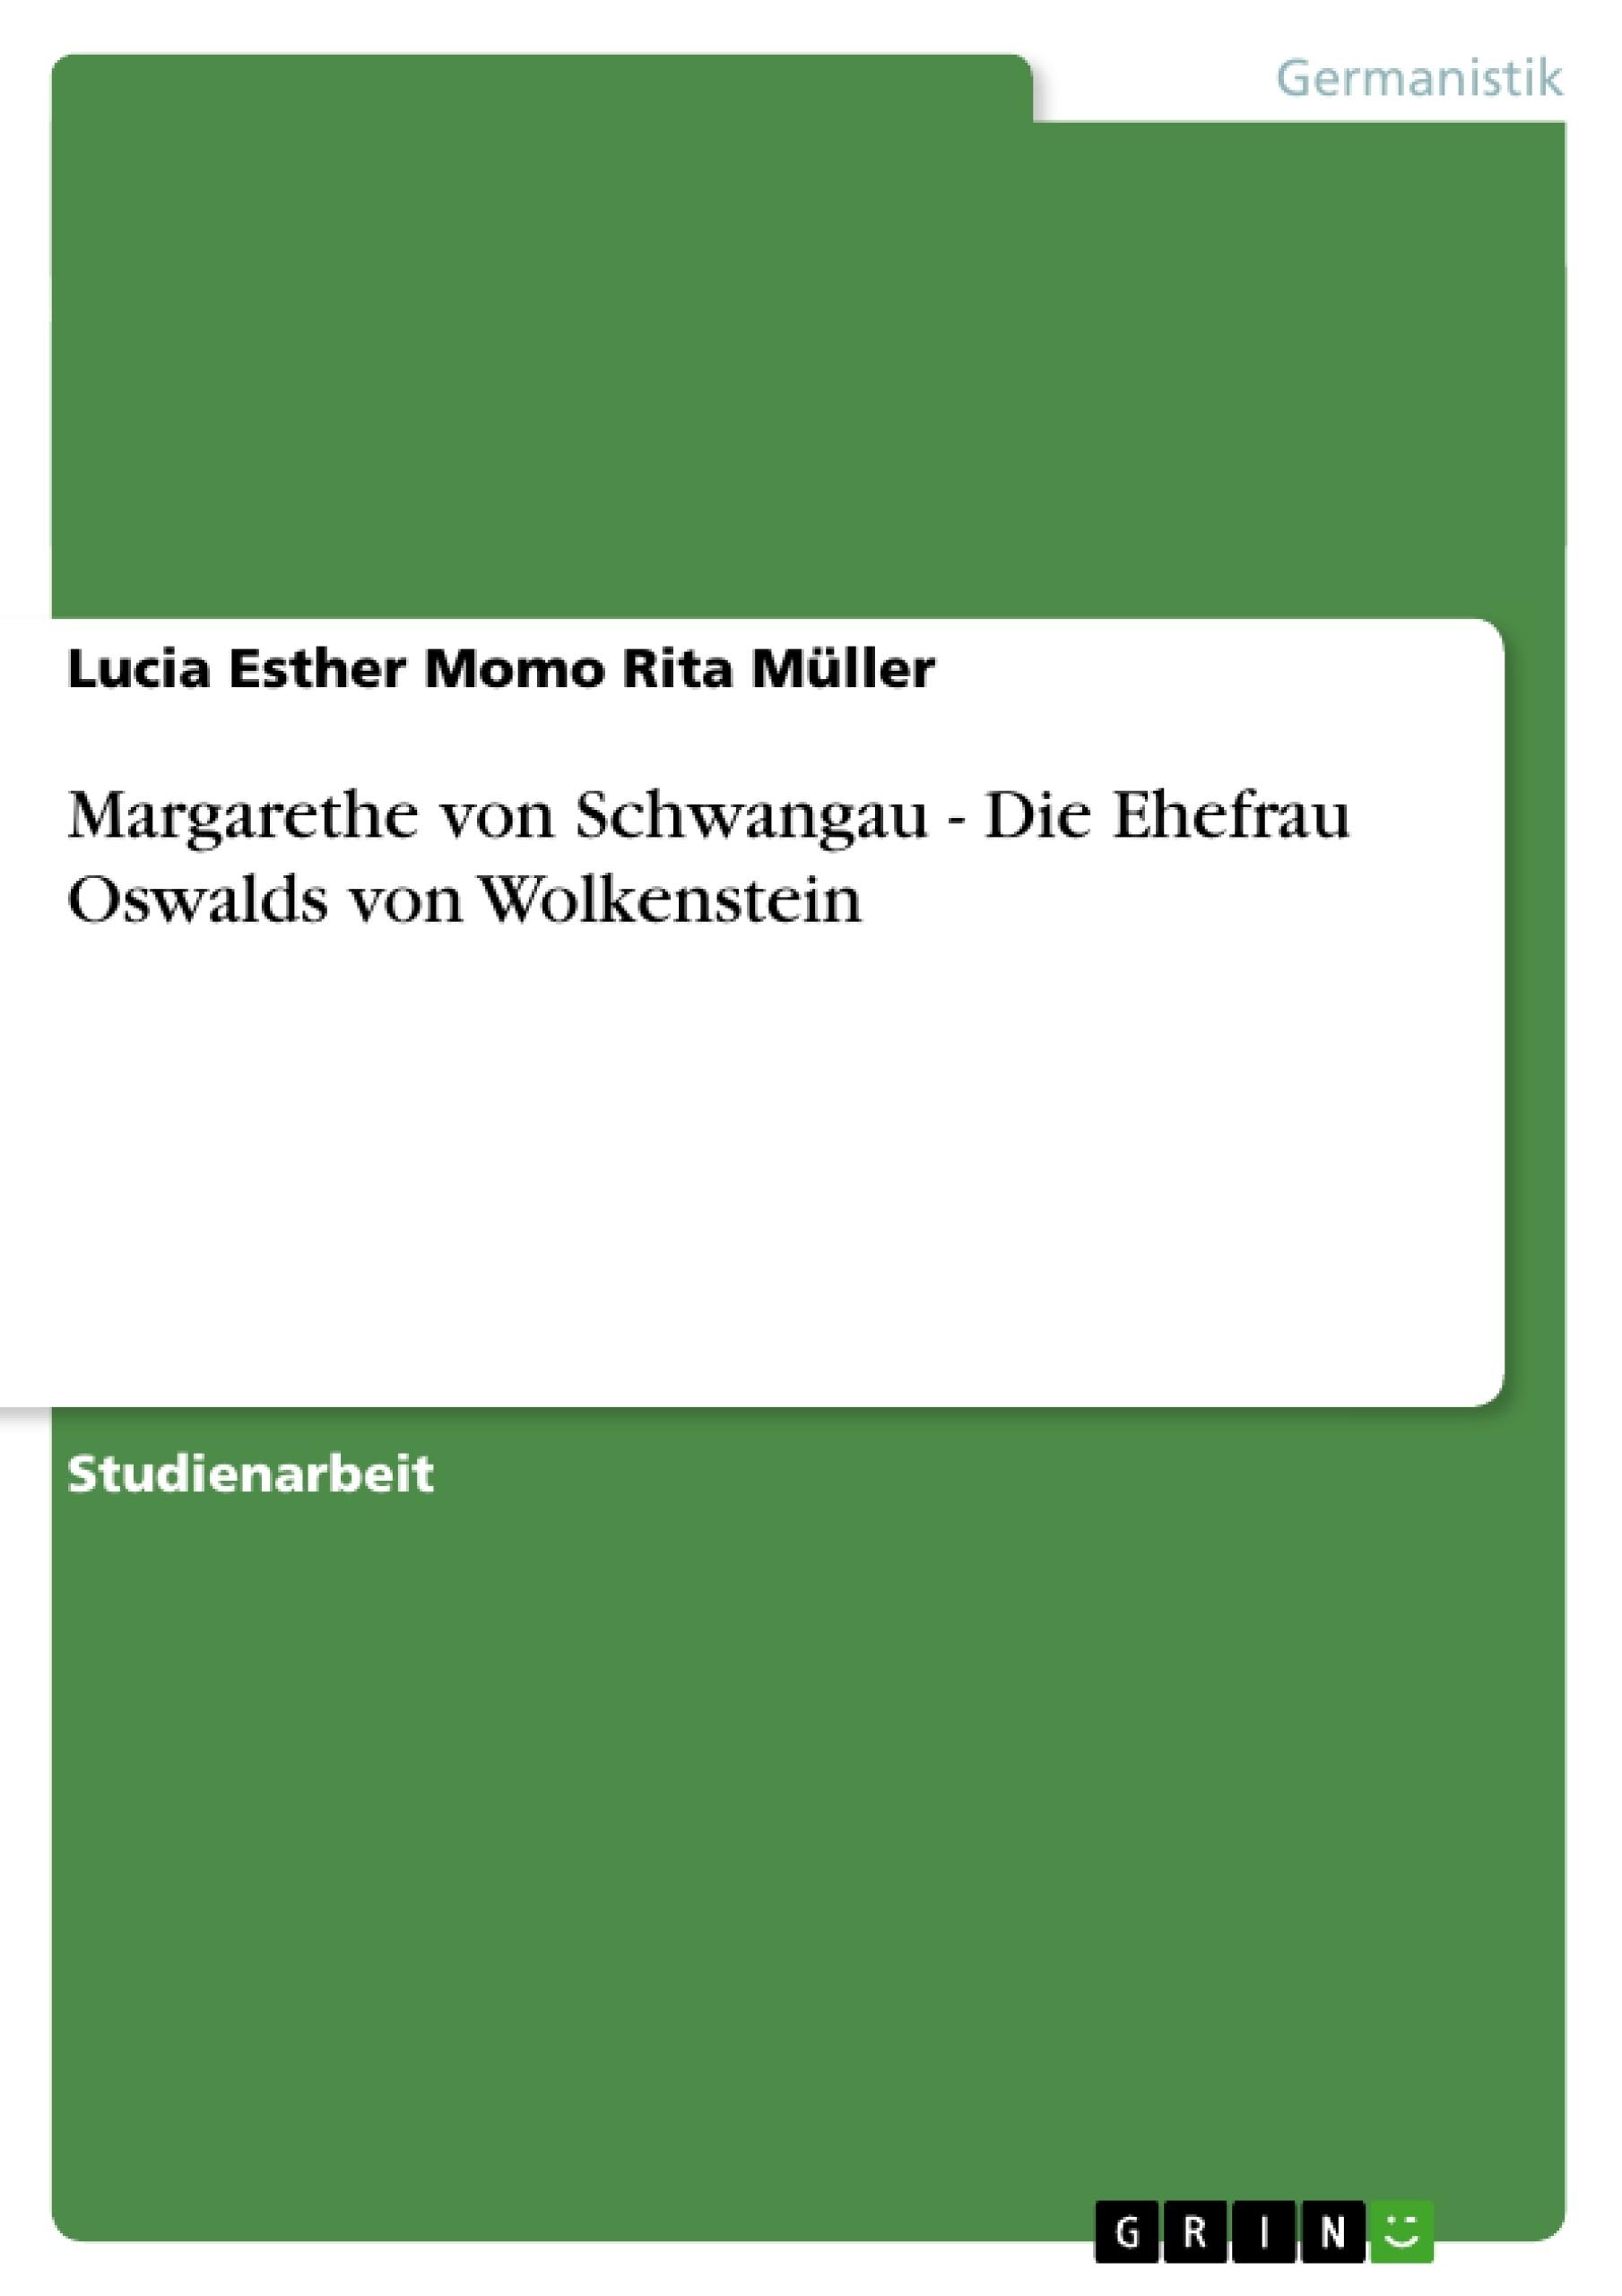 Titel: Margarethe von Schwangau - Die Ehefrau Oswalds von Wolkenstein